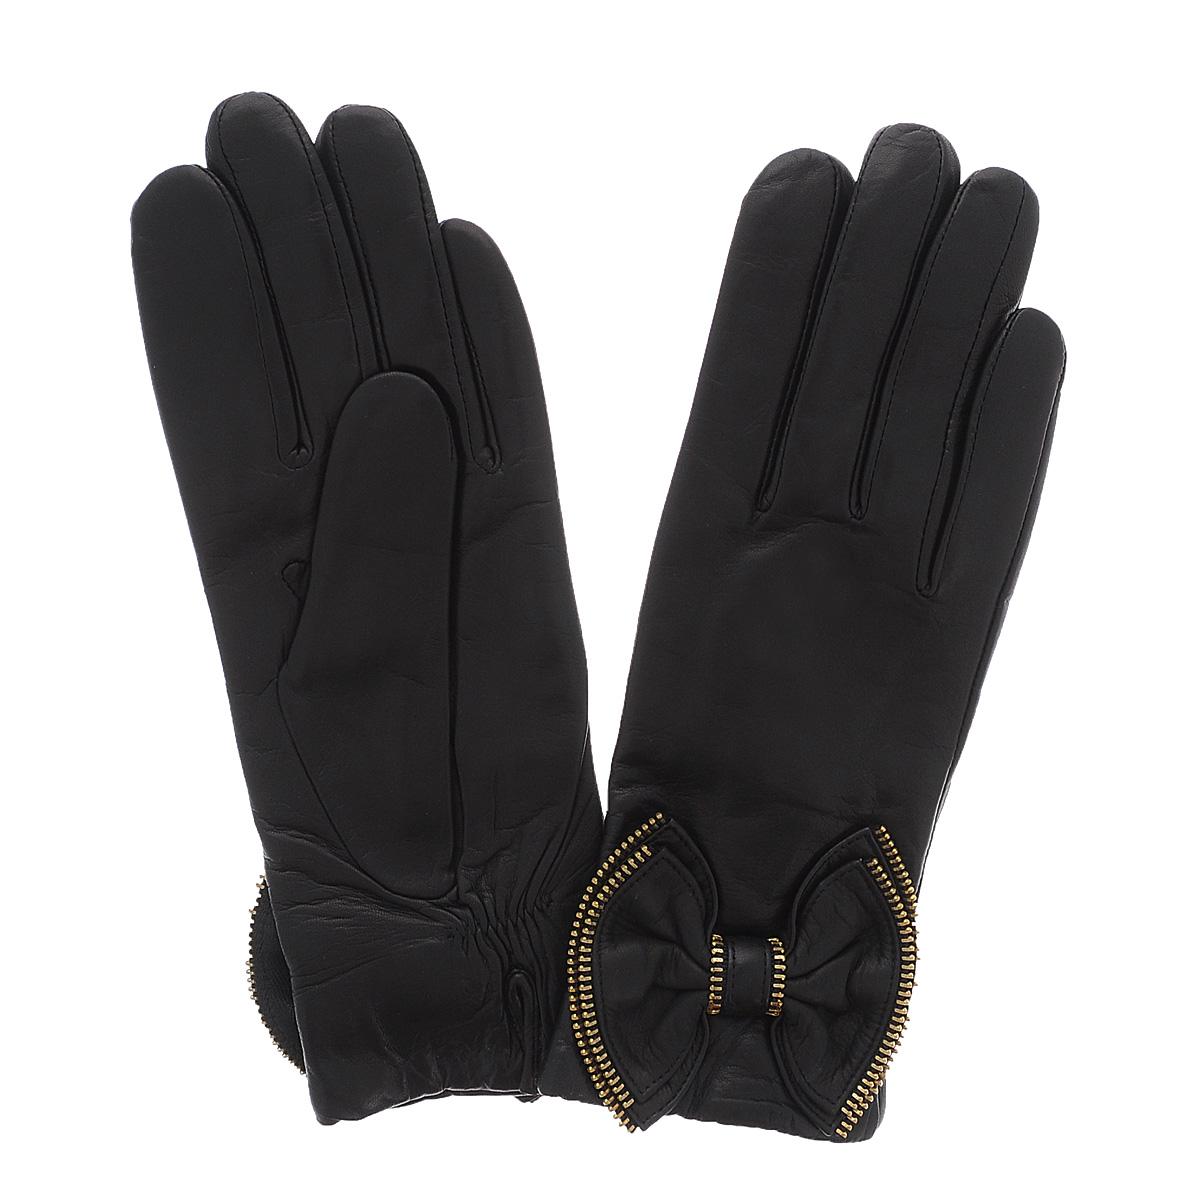 Перчатки женские Dali Exclusive, цвет: черный. 11_ZORE/BL. Размер 811_ZORE/BLСтильные перчатки Dali Exclusive с подкладкой из шерсти выполнены из мягкой и приятной на ощупь натуральной кожи ягненка.Лицевая сторона декорирована бантиками с отделкой металлической молнией. На манжете с внутренней стороны предусмотрен небольшой разрез. Такие перчатки подчеркнут ваш стиль и неповторимость и придадут всему образу нотки женственности и элегантности.